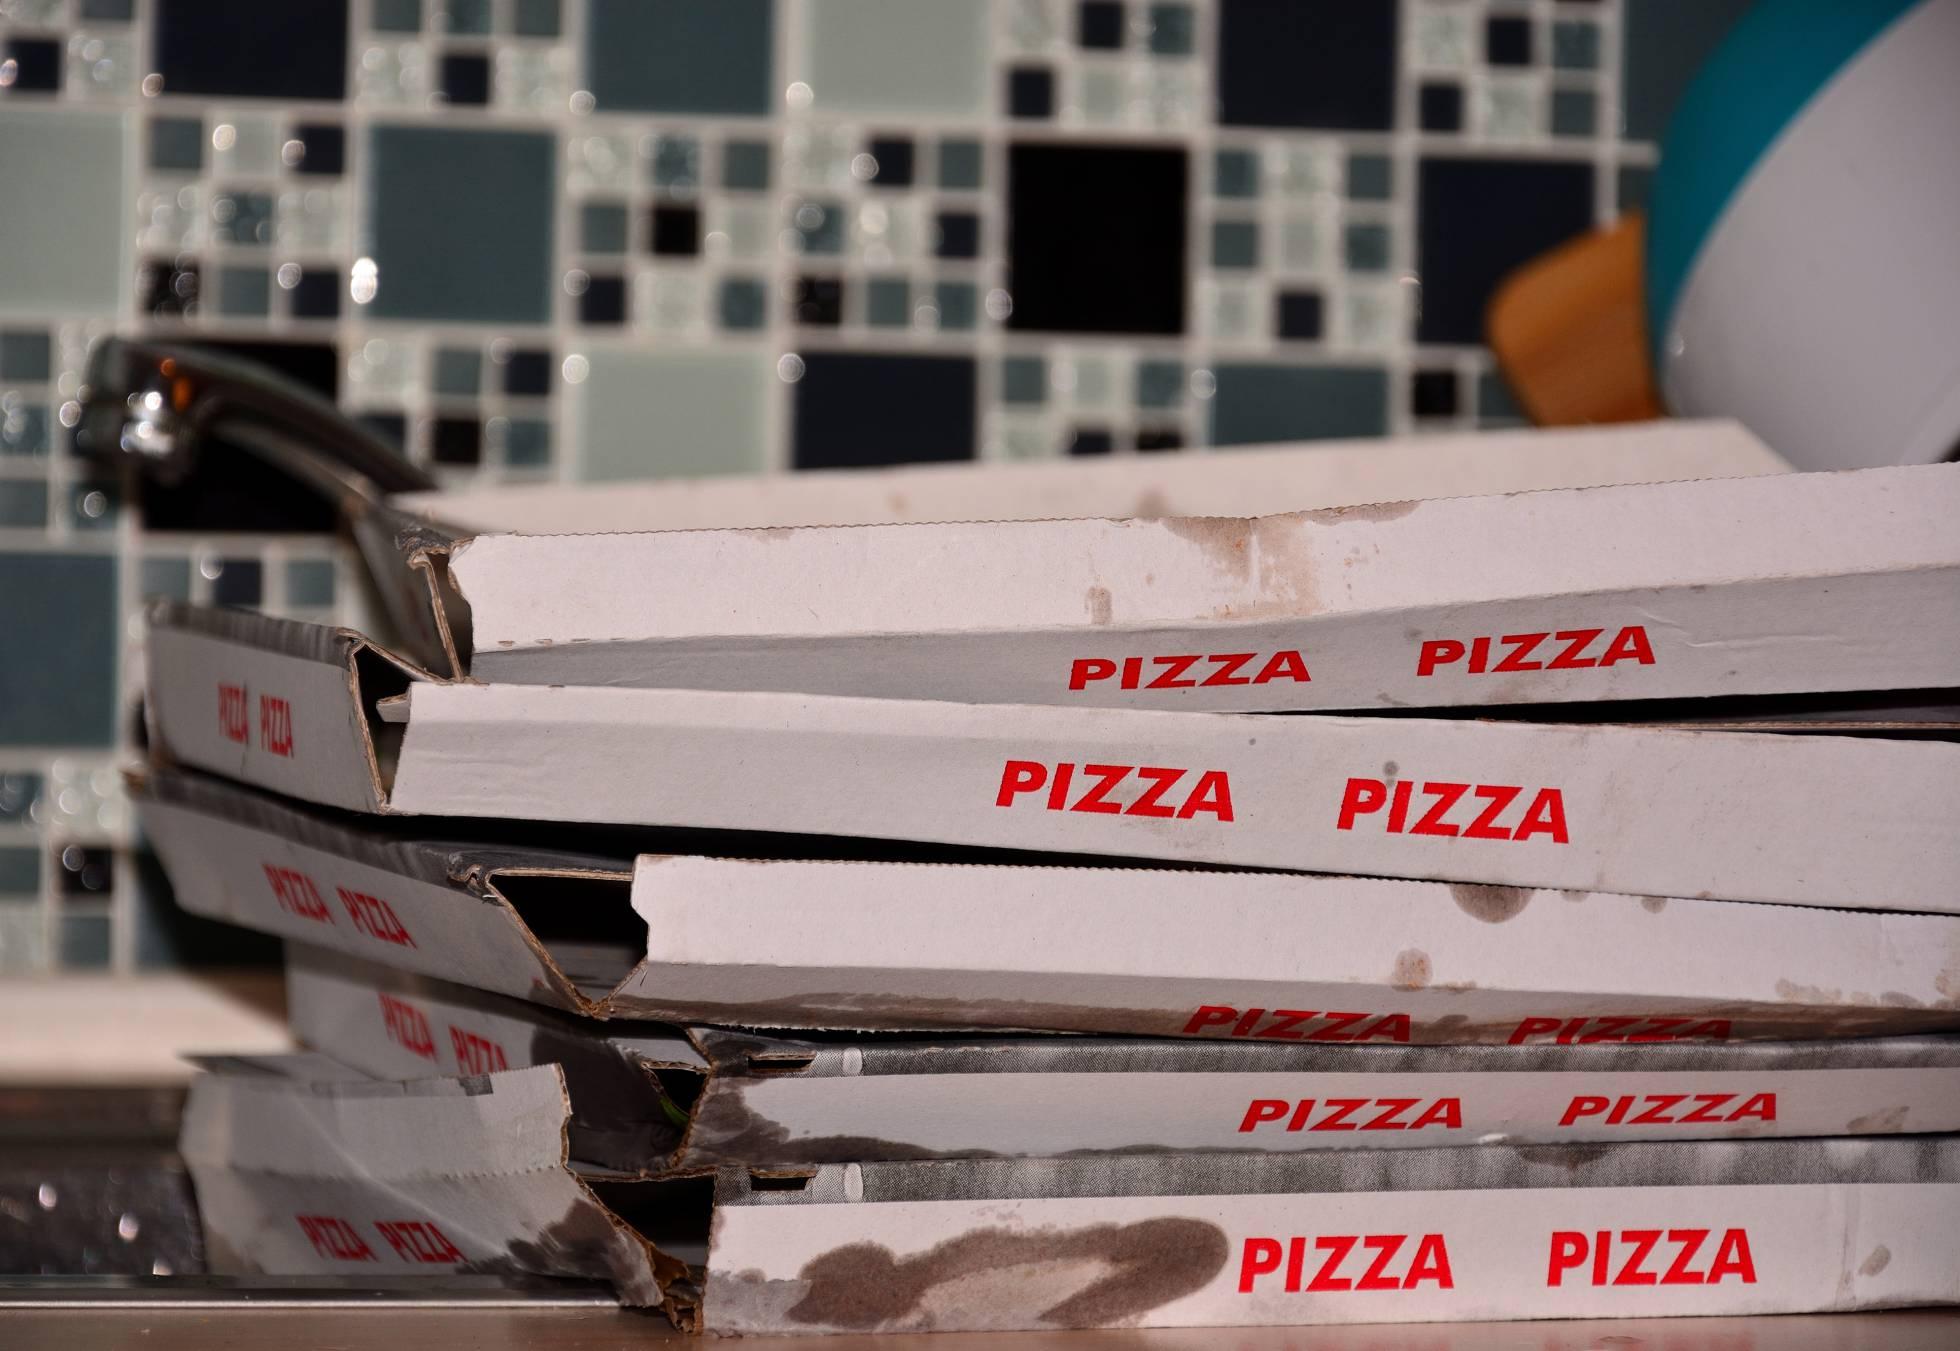 La pesadilla del hombre que lleva nueve años recibiendo pizzas que nunca ha pedido